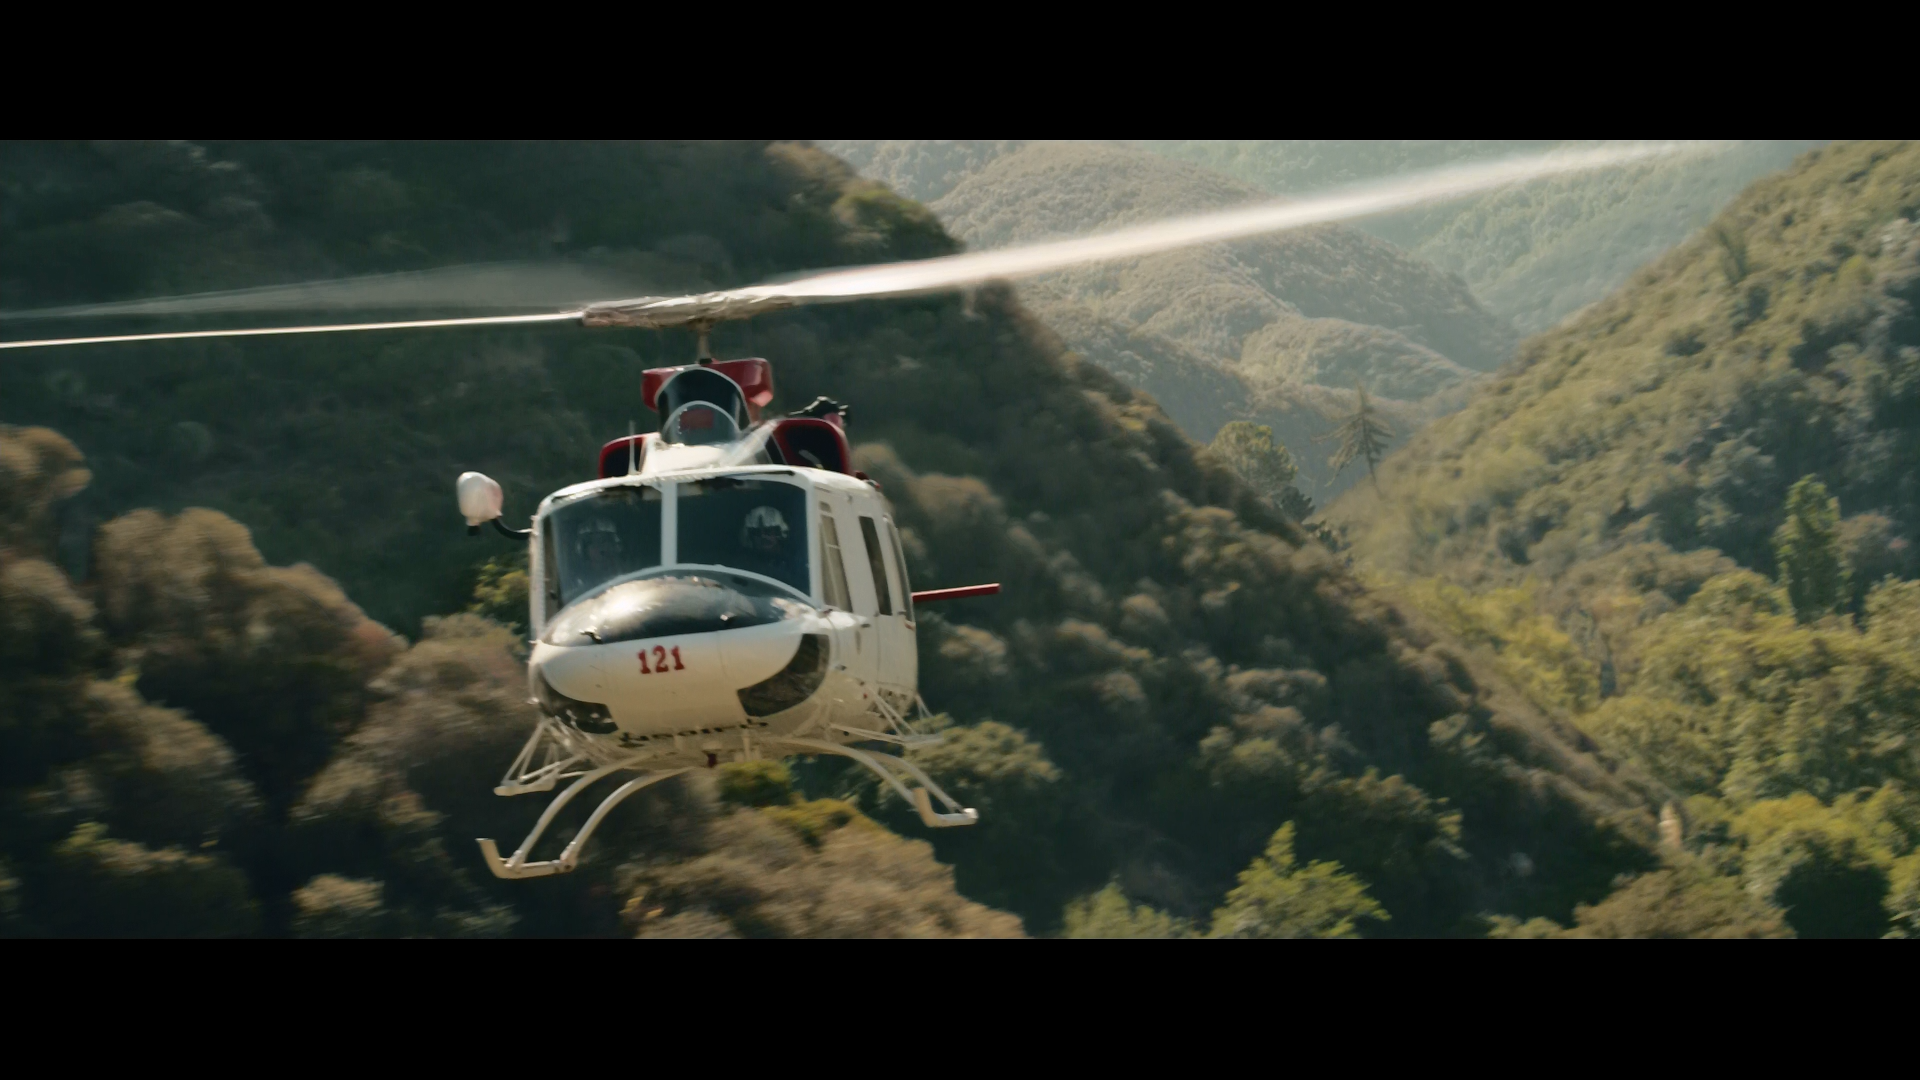 скачать фильм терминатор генезис 2015 через торрент в 3d